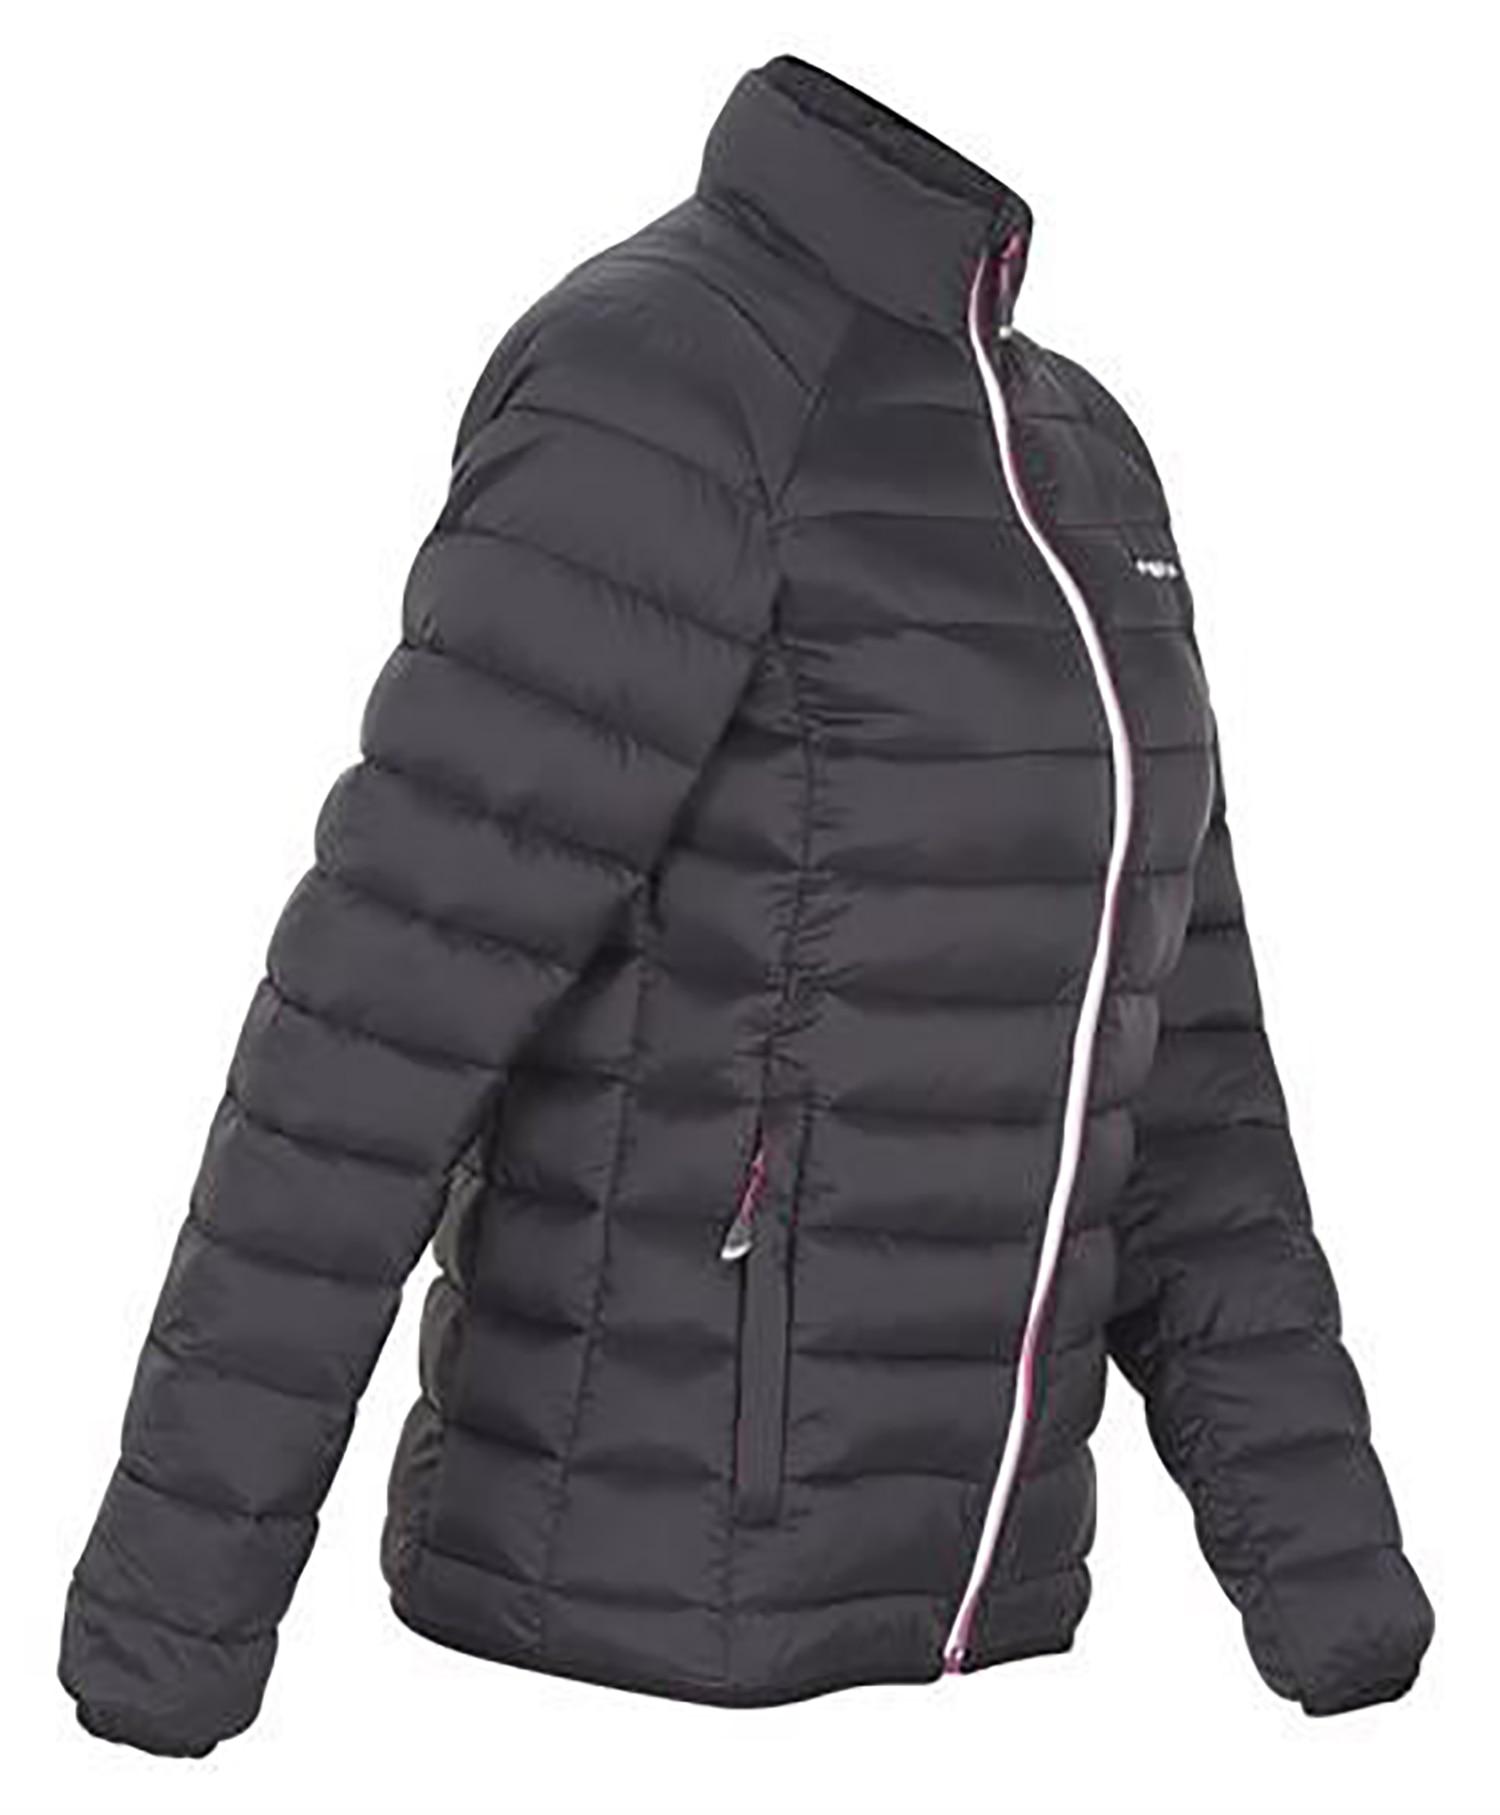 Fibra Xtrm Jacket D